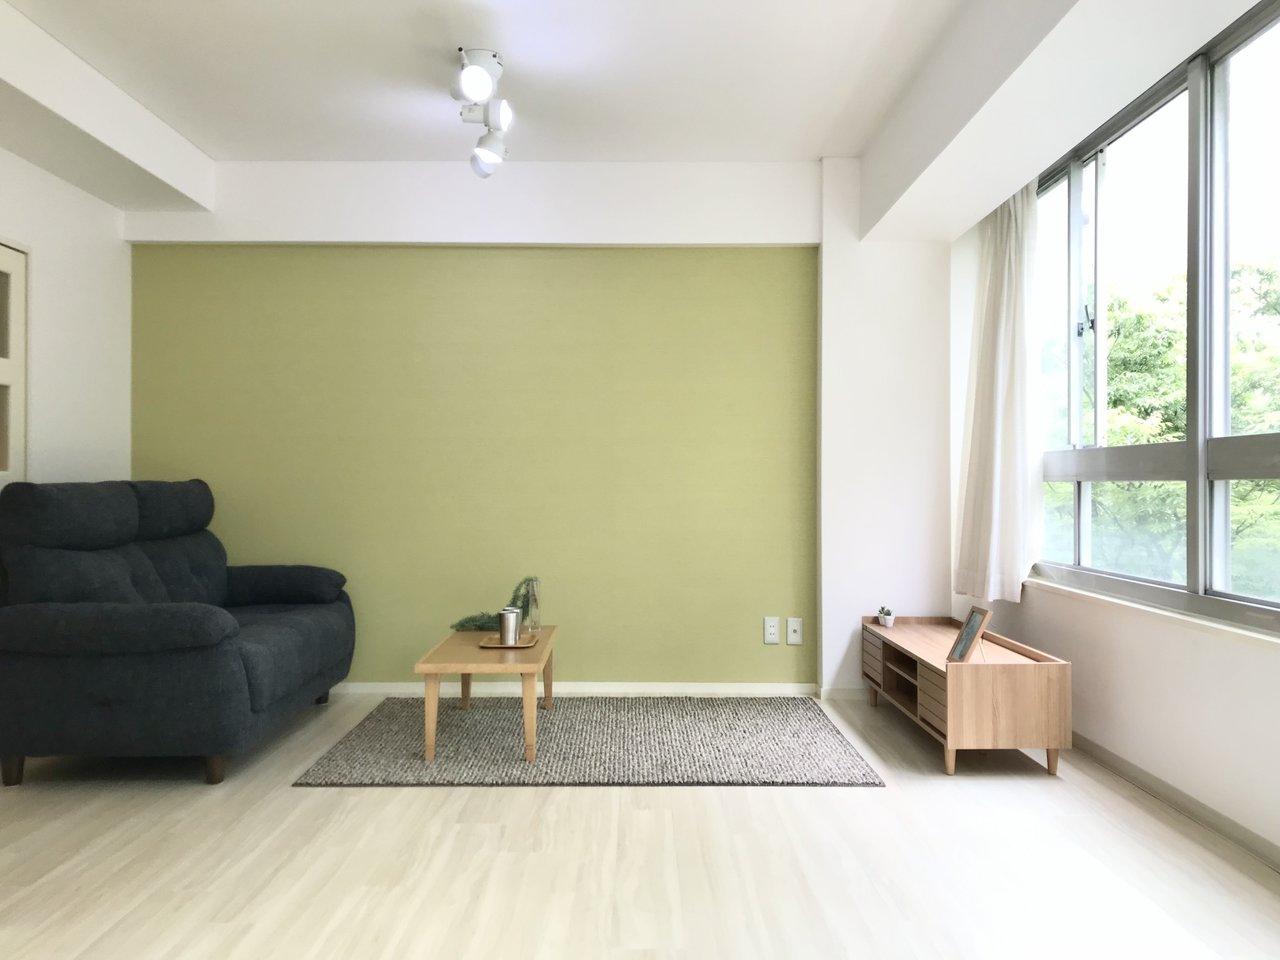 10.4畳の横長の居室。使い勝手も良さそうです。